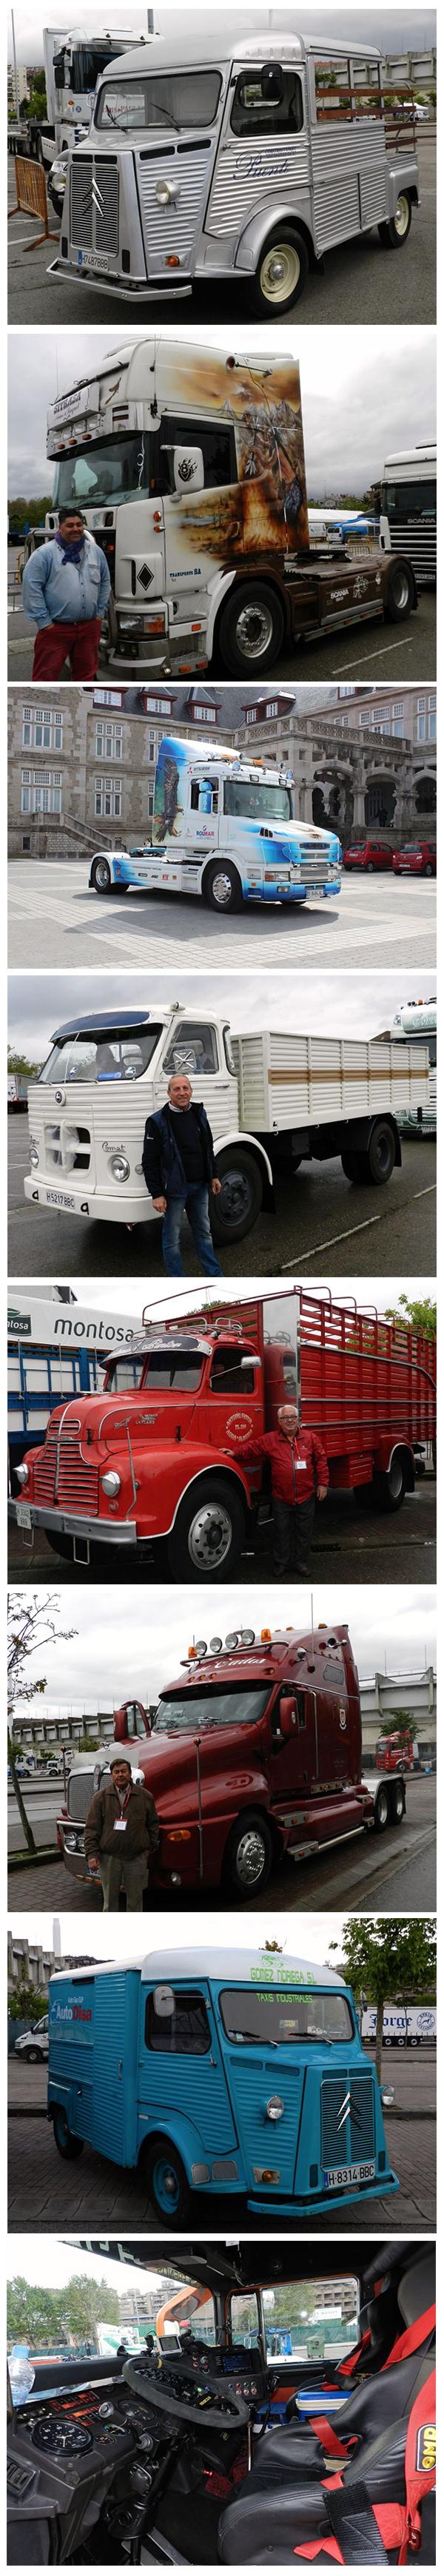 imagenes_camiones